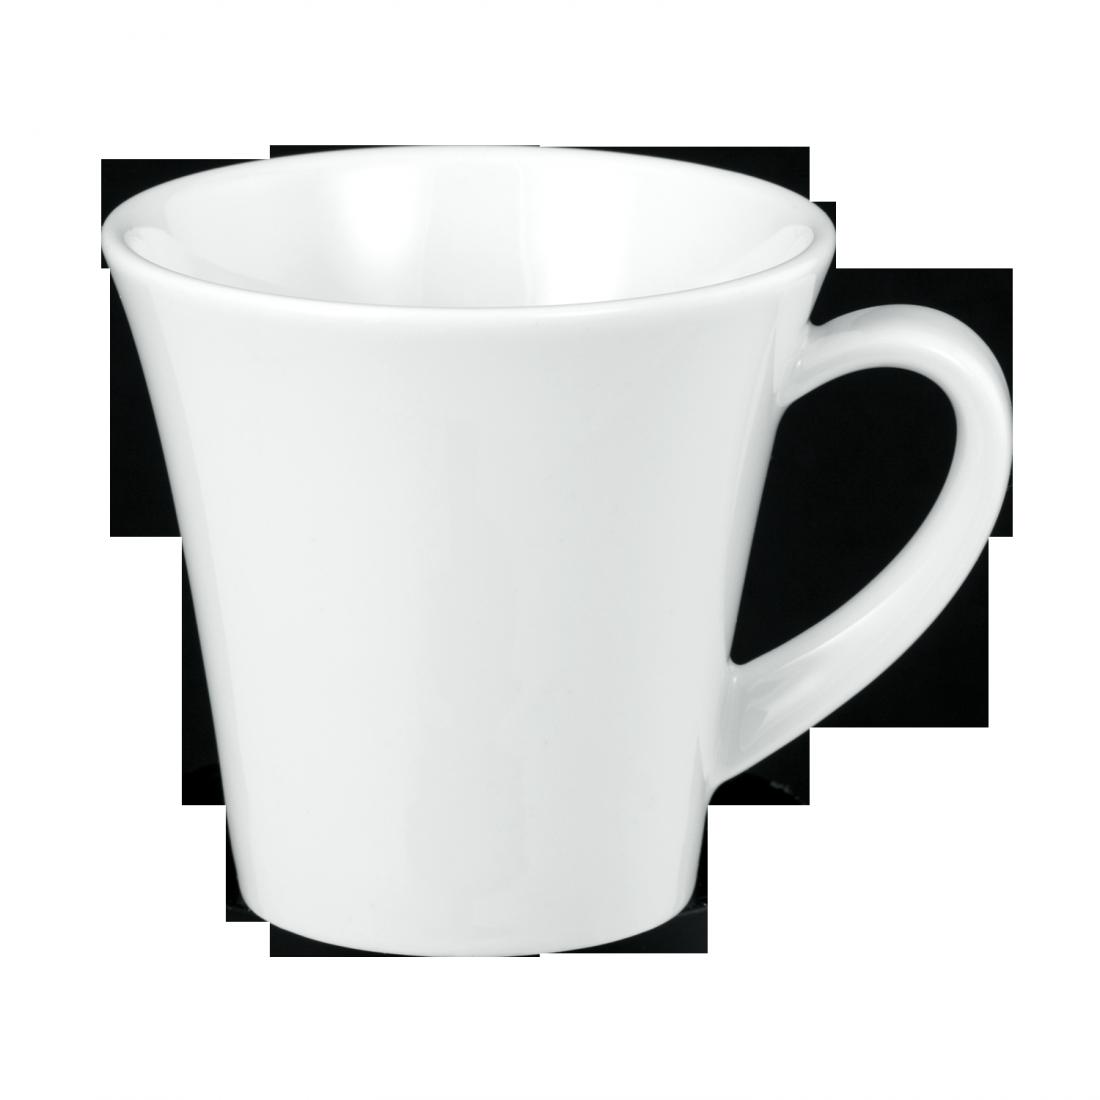 kaffeeobertasse 0 20ltr modern life weiss seltmann modern life wei uni. Black Bedroom Furniture Sets. Home Design Ideas